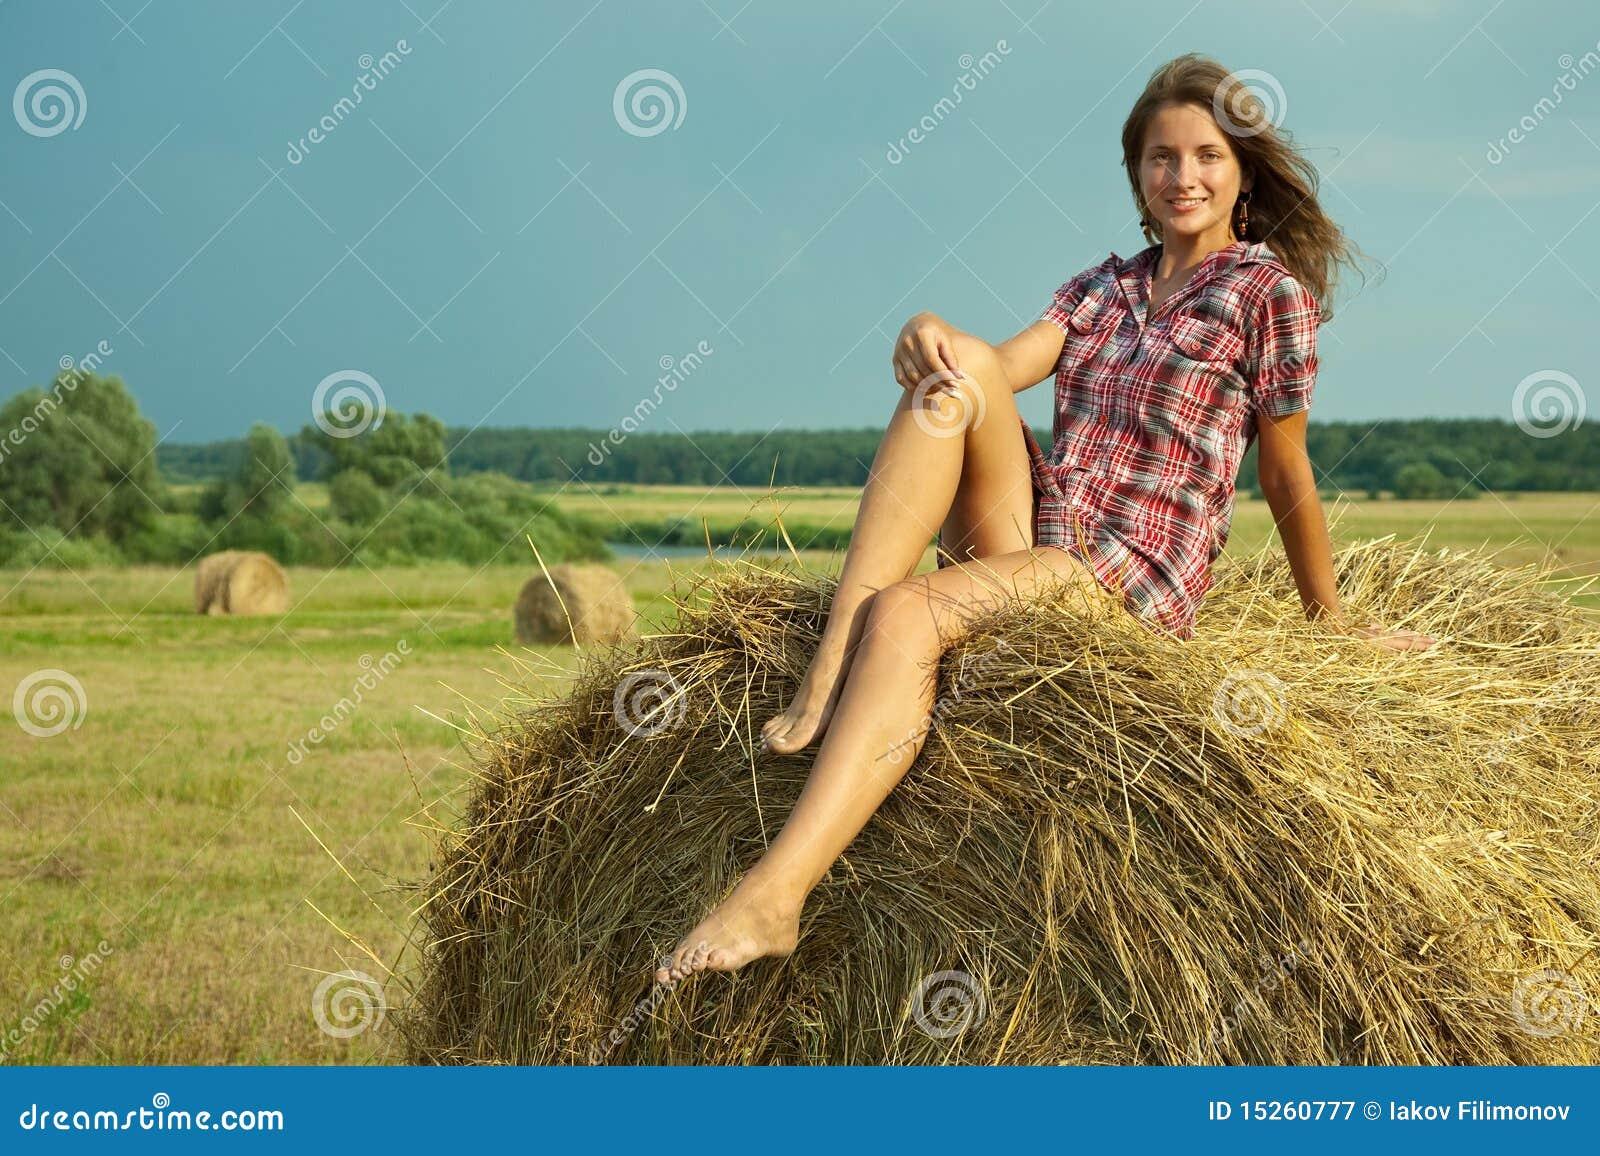 Фото девочки деревенские 14 фотография